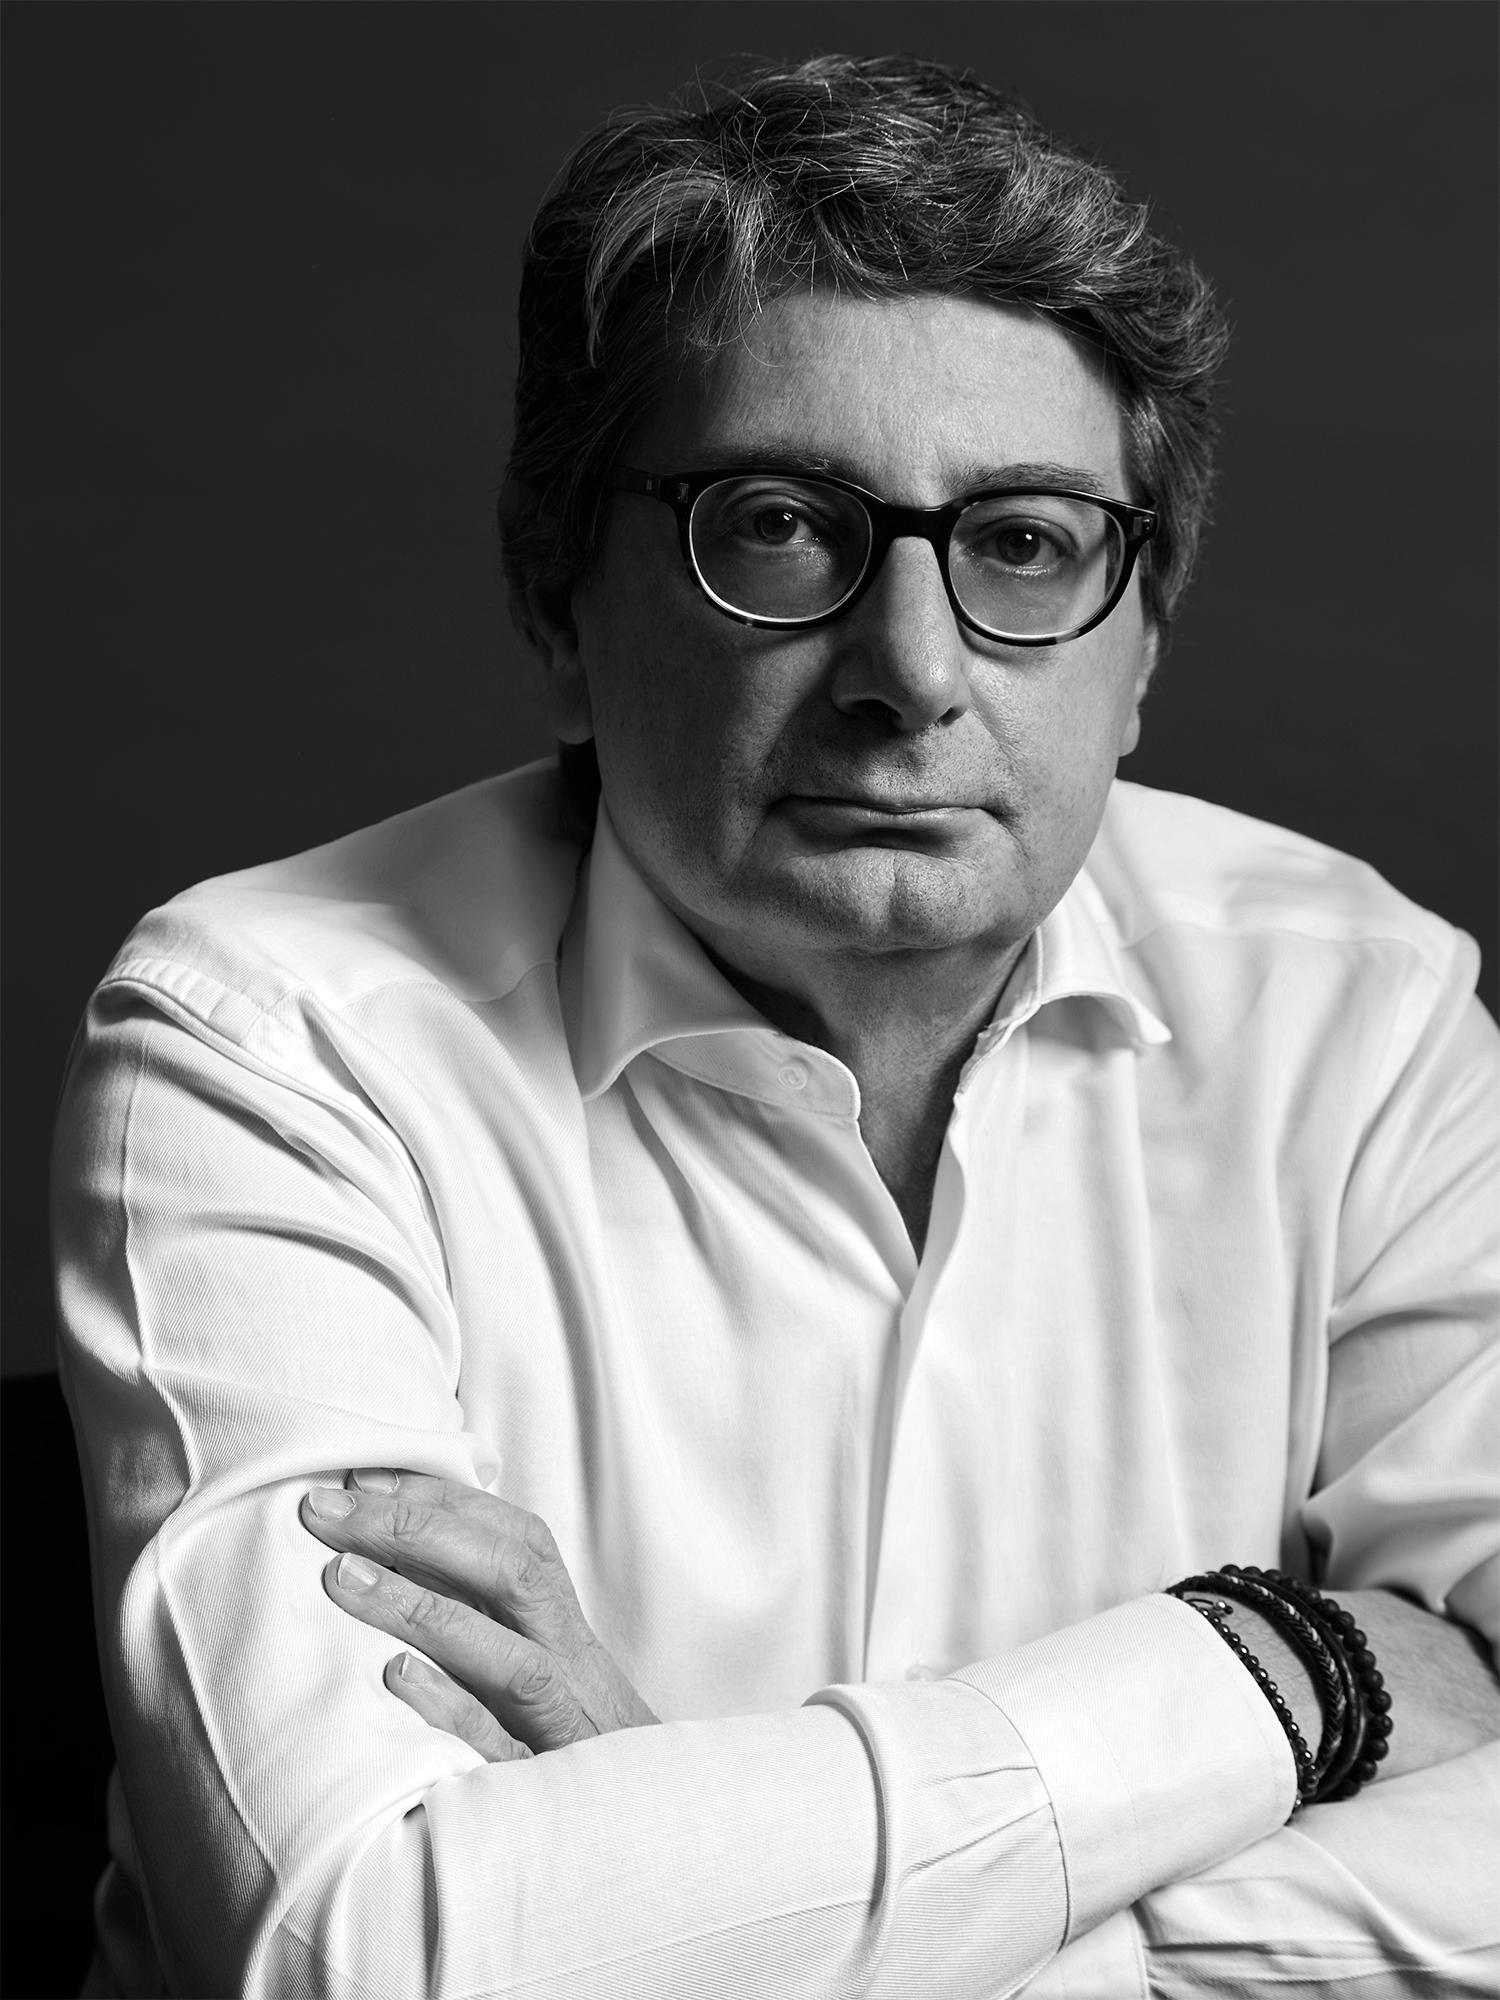 Andrea Lamanna, Glasford International Italy